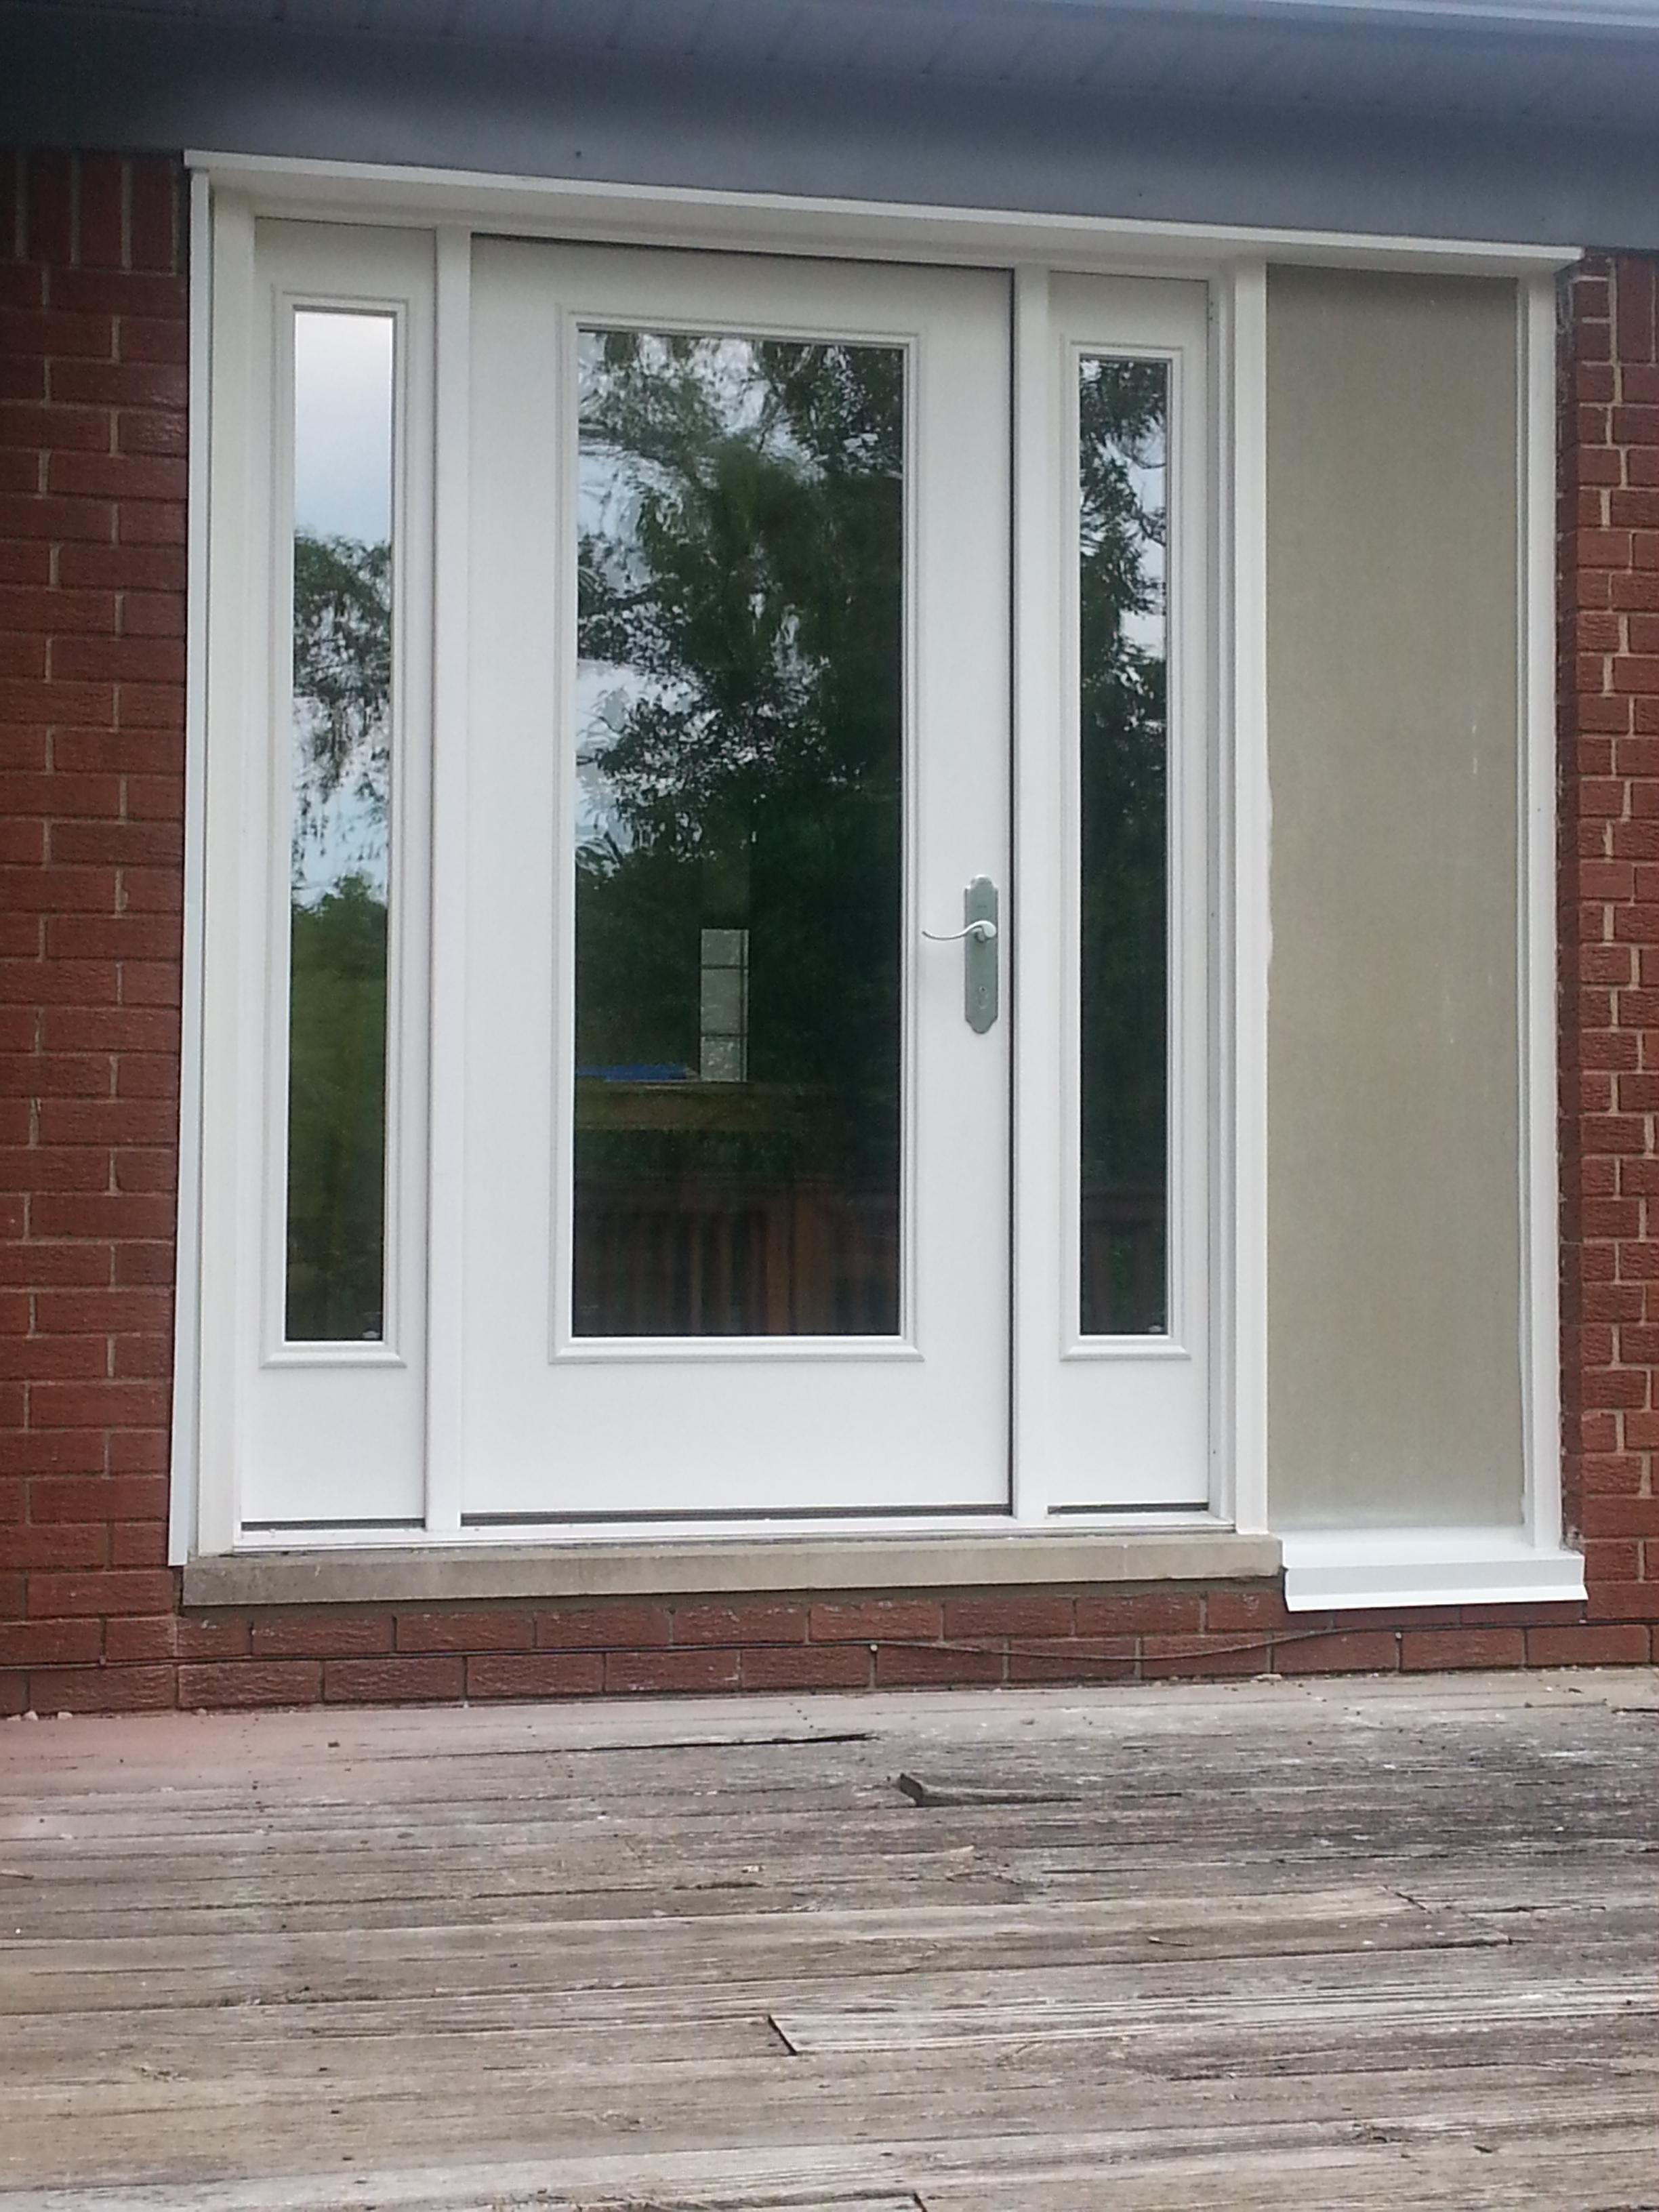 3264 #613F38 2013 06 06 17.15.27 Therma Tru Fiberglass Door With Sidelights save image Fiberglass Entry Doors With Sidelights 42172448